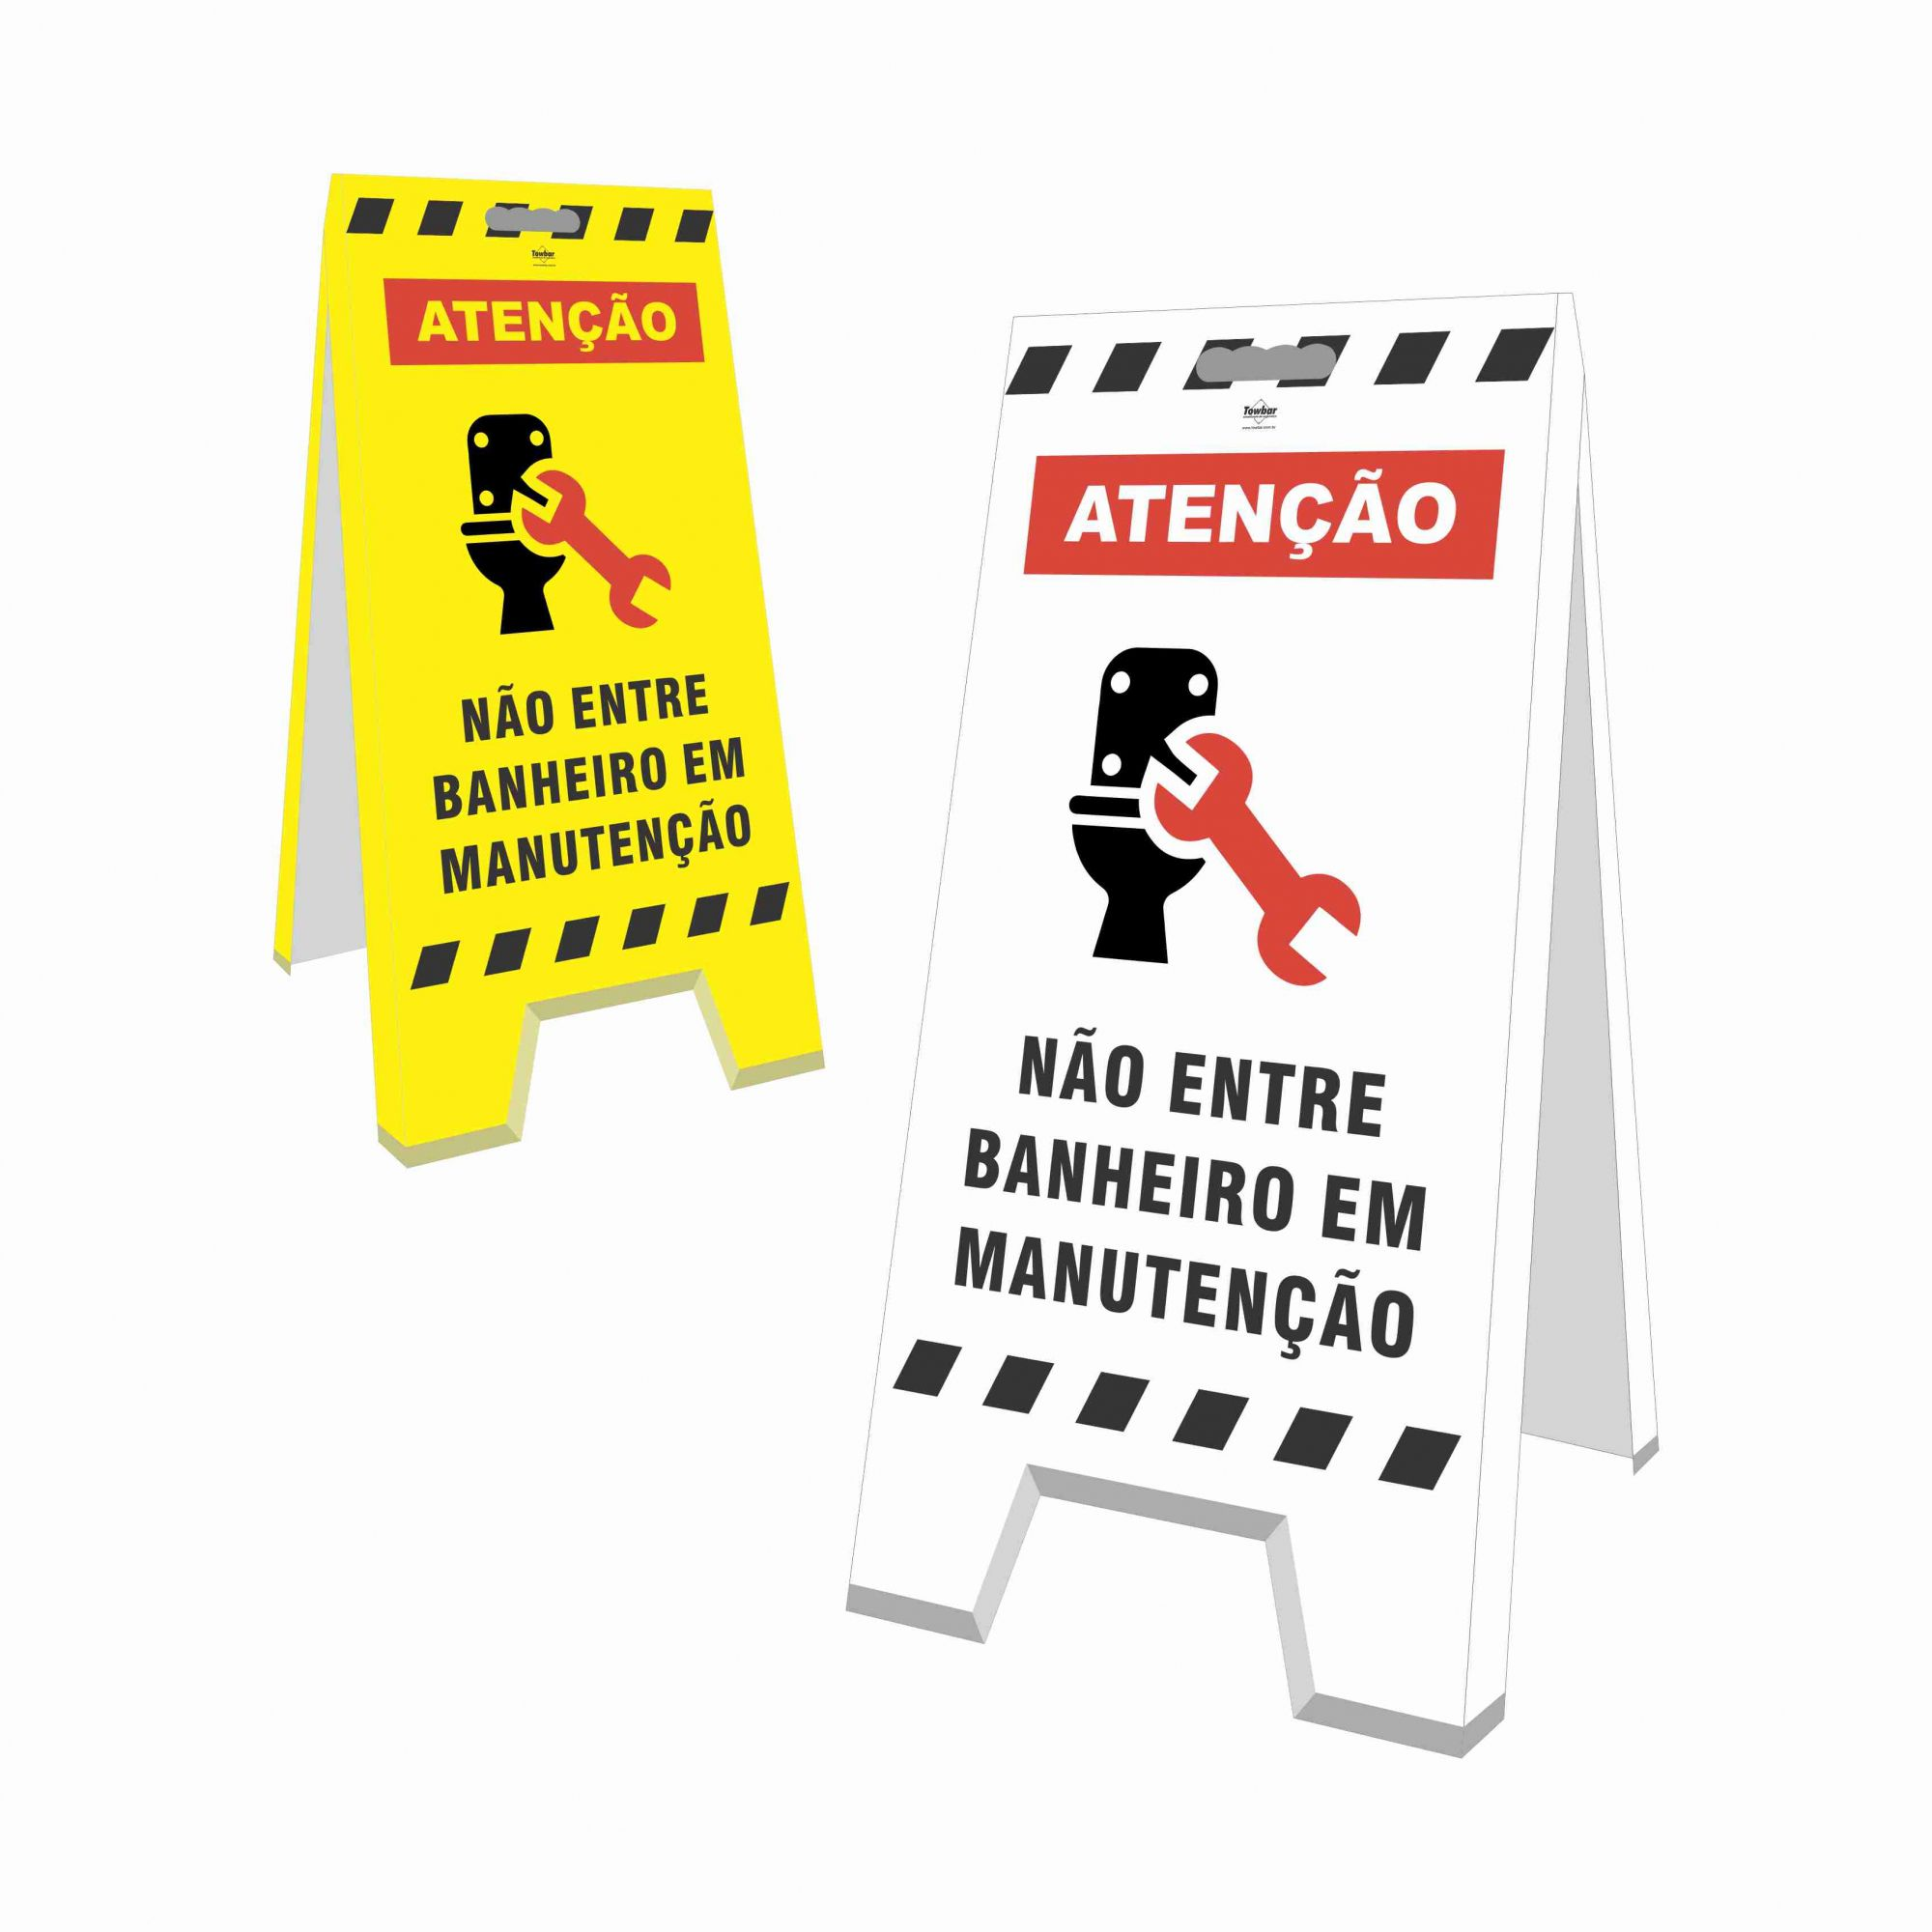 Cavalete - Banheiro Em Manutenção  - Towbar Sinalização de Segurança